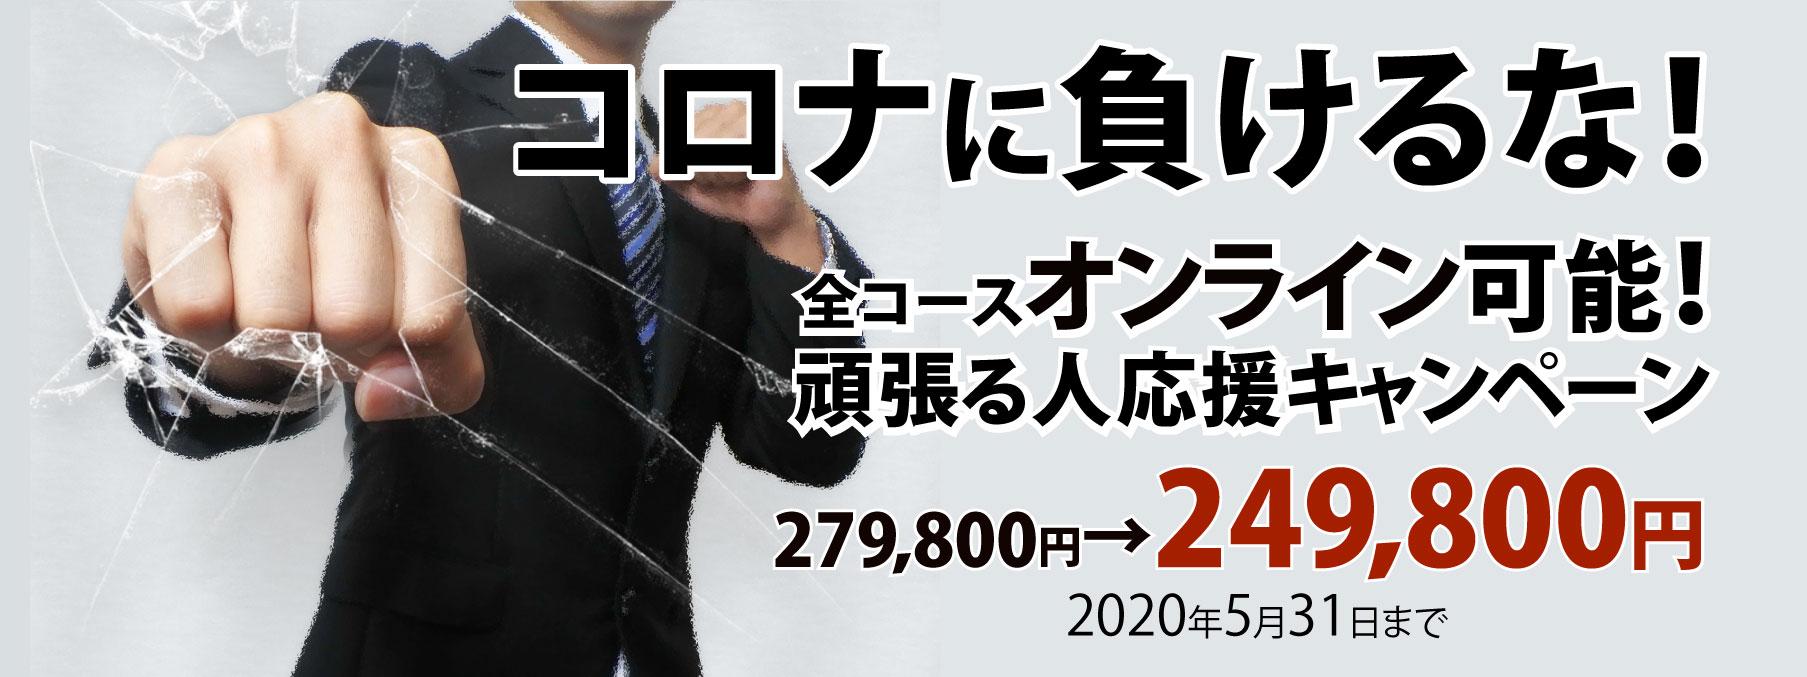 名古屋の英会話スパルタコロナに負けるな キャンペーン